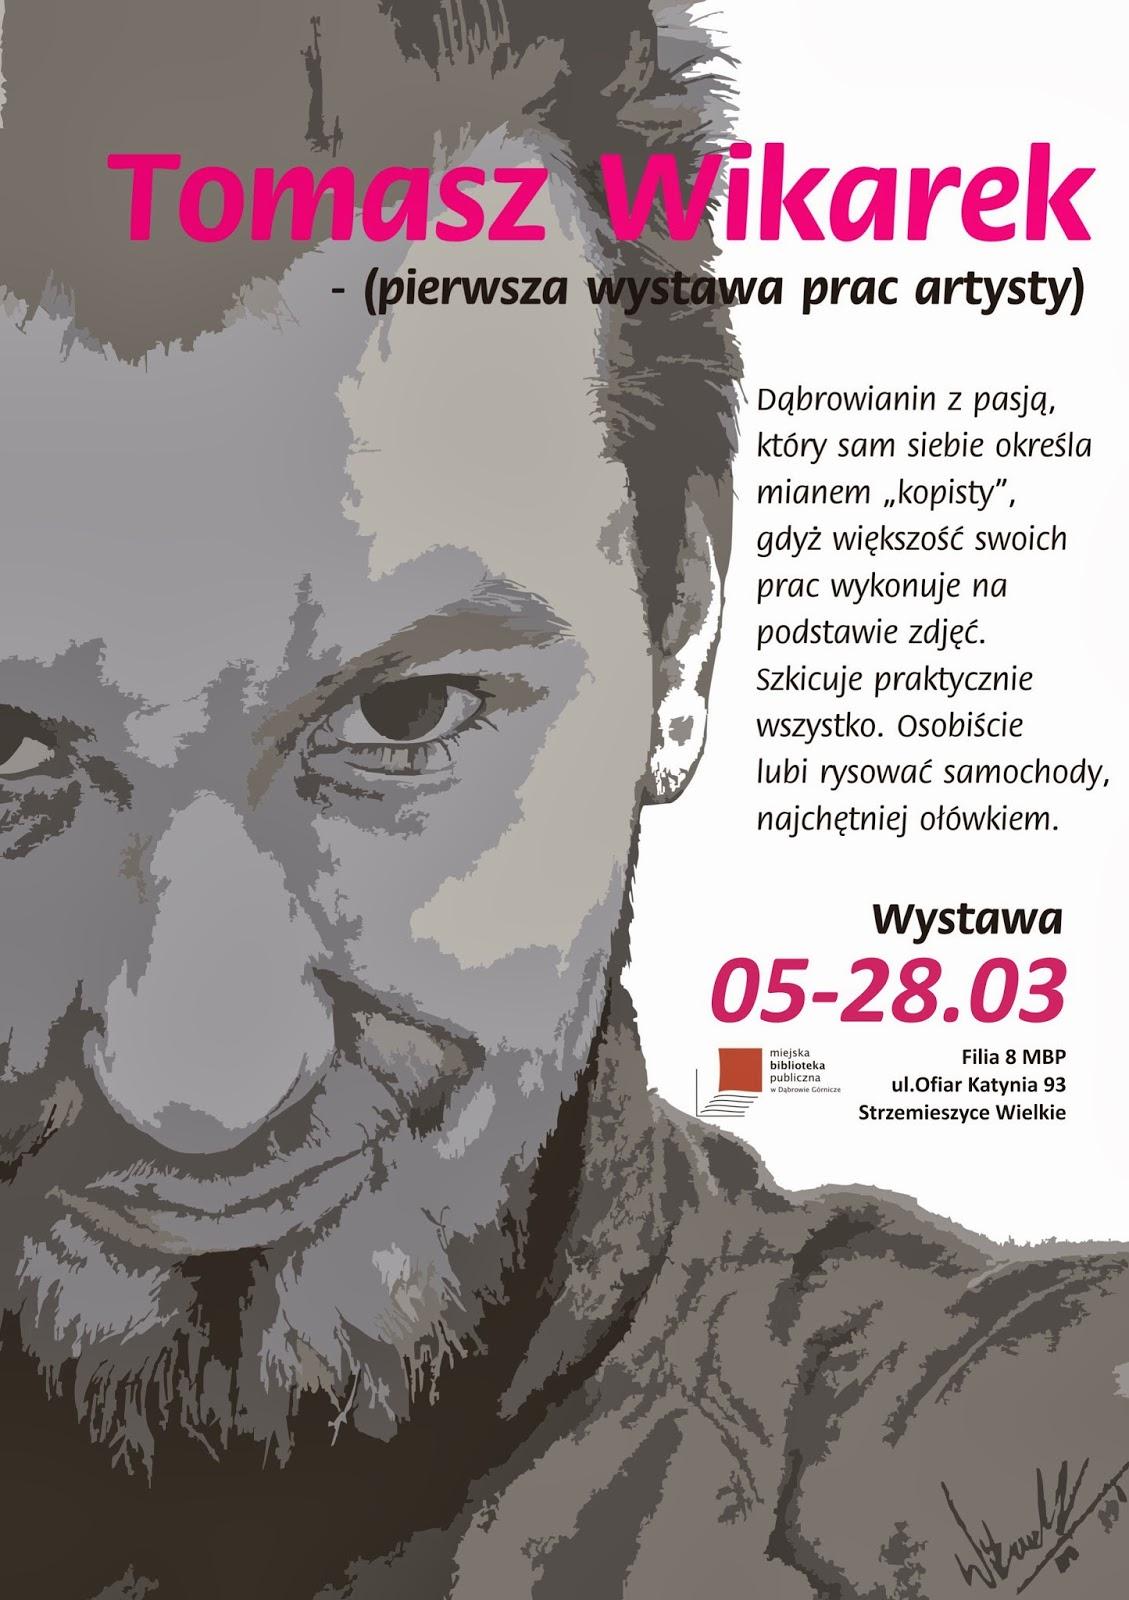 http://www.biblioteka-dg.pl/index.php/1wyd/320-z-olowkiem-w-reku